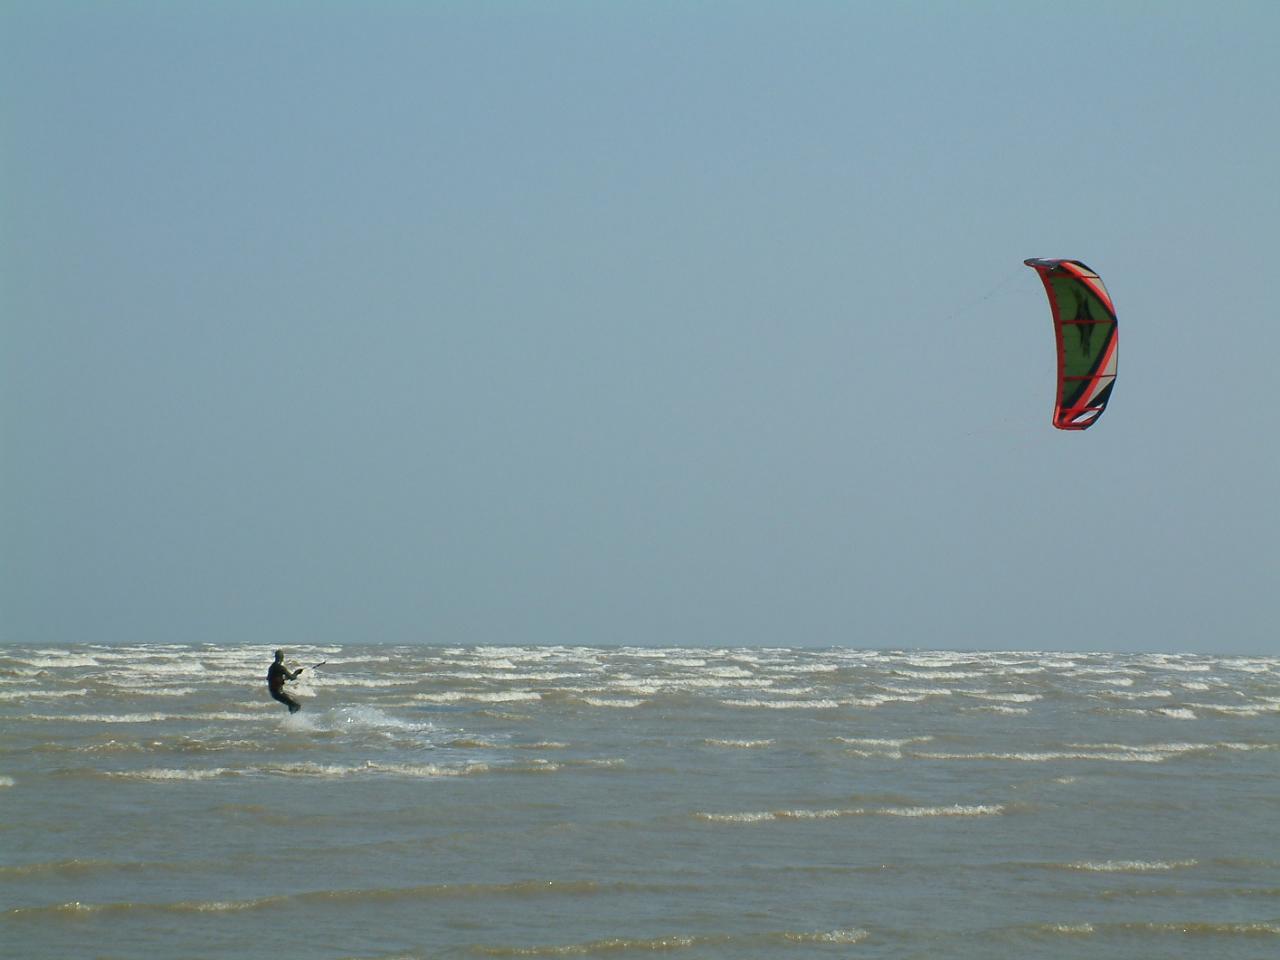 MRT gets Peter back to kitesurfing